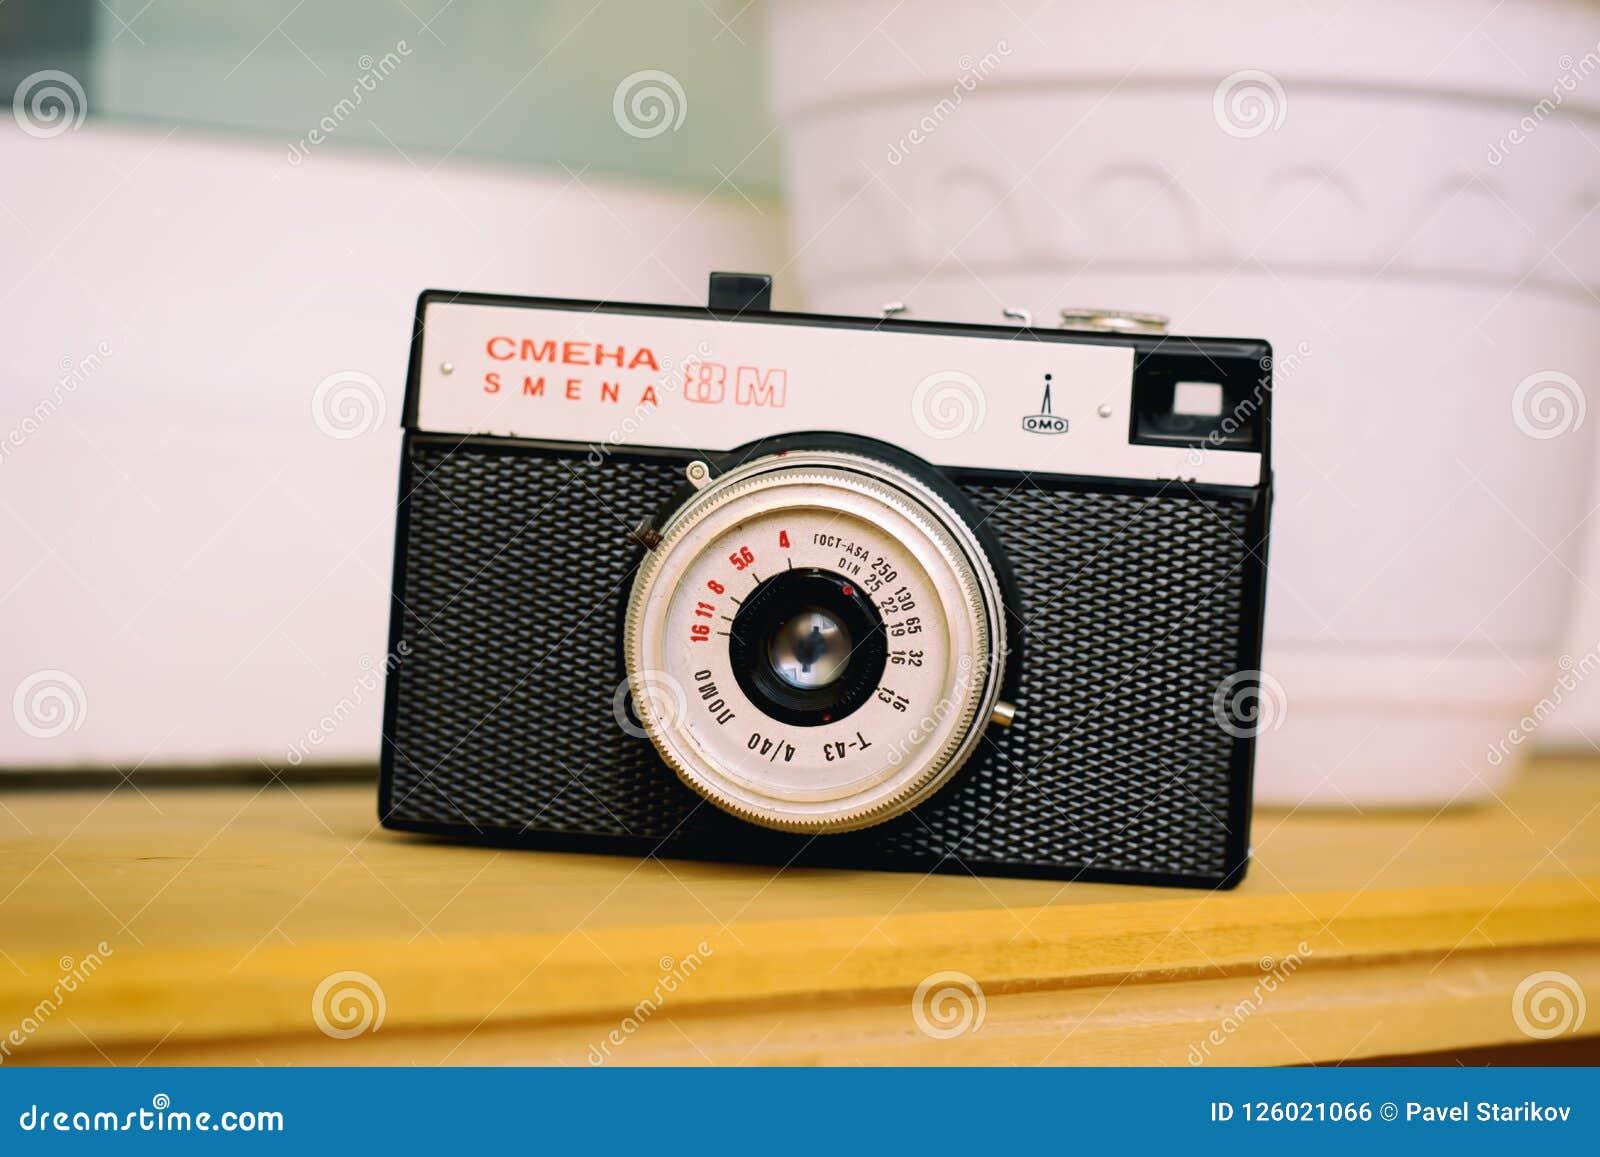 Old russian camera Smena